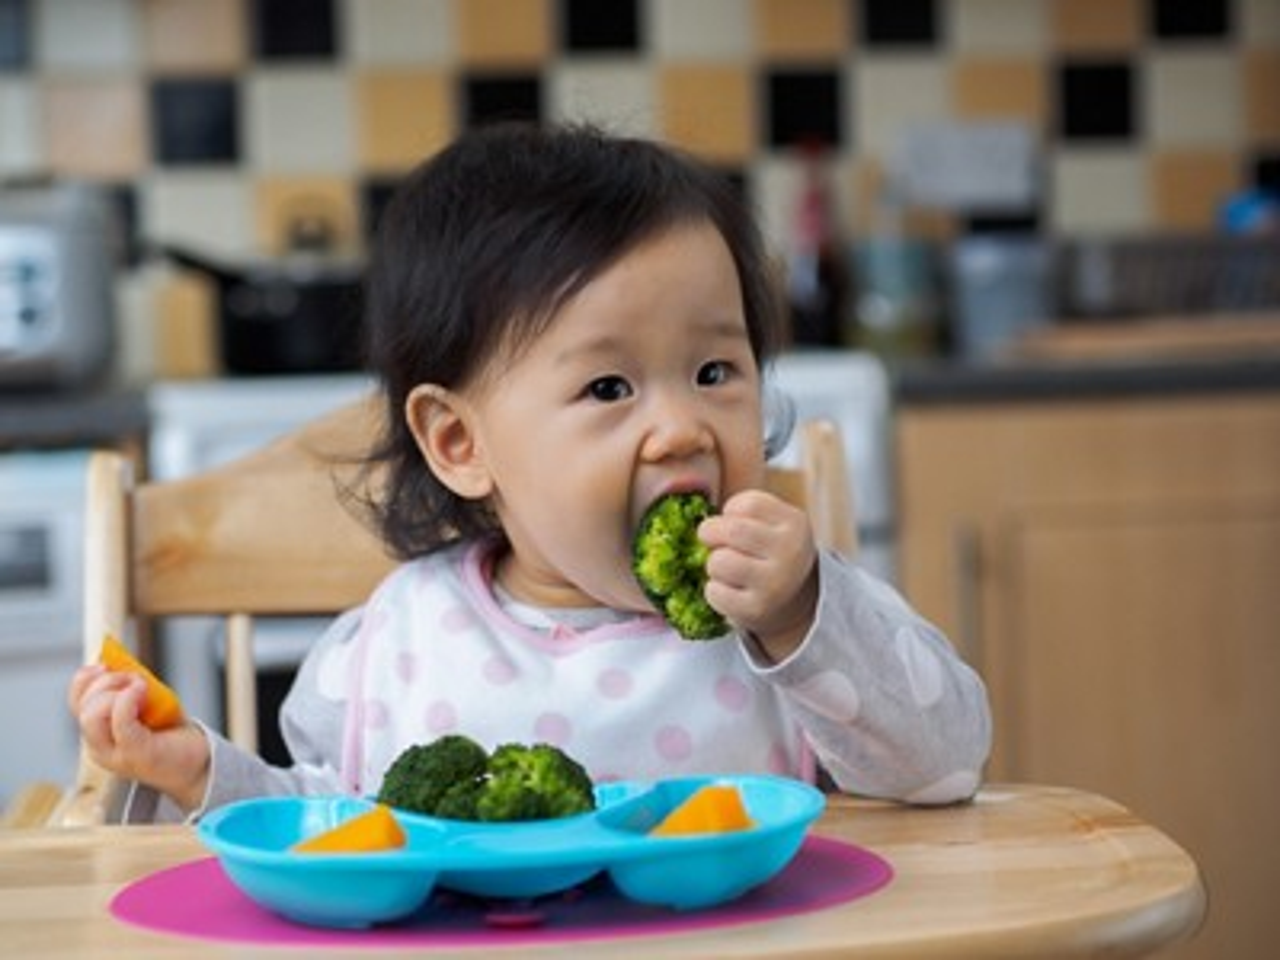 asian-baby-girl-eat-vegetables